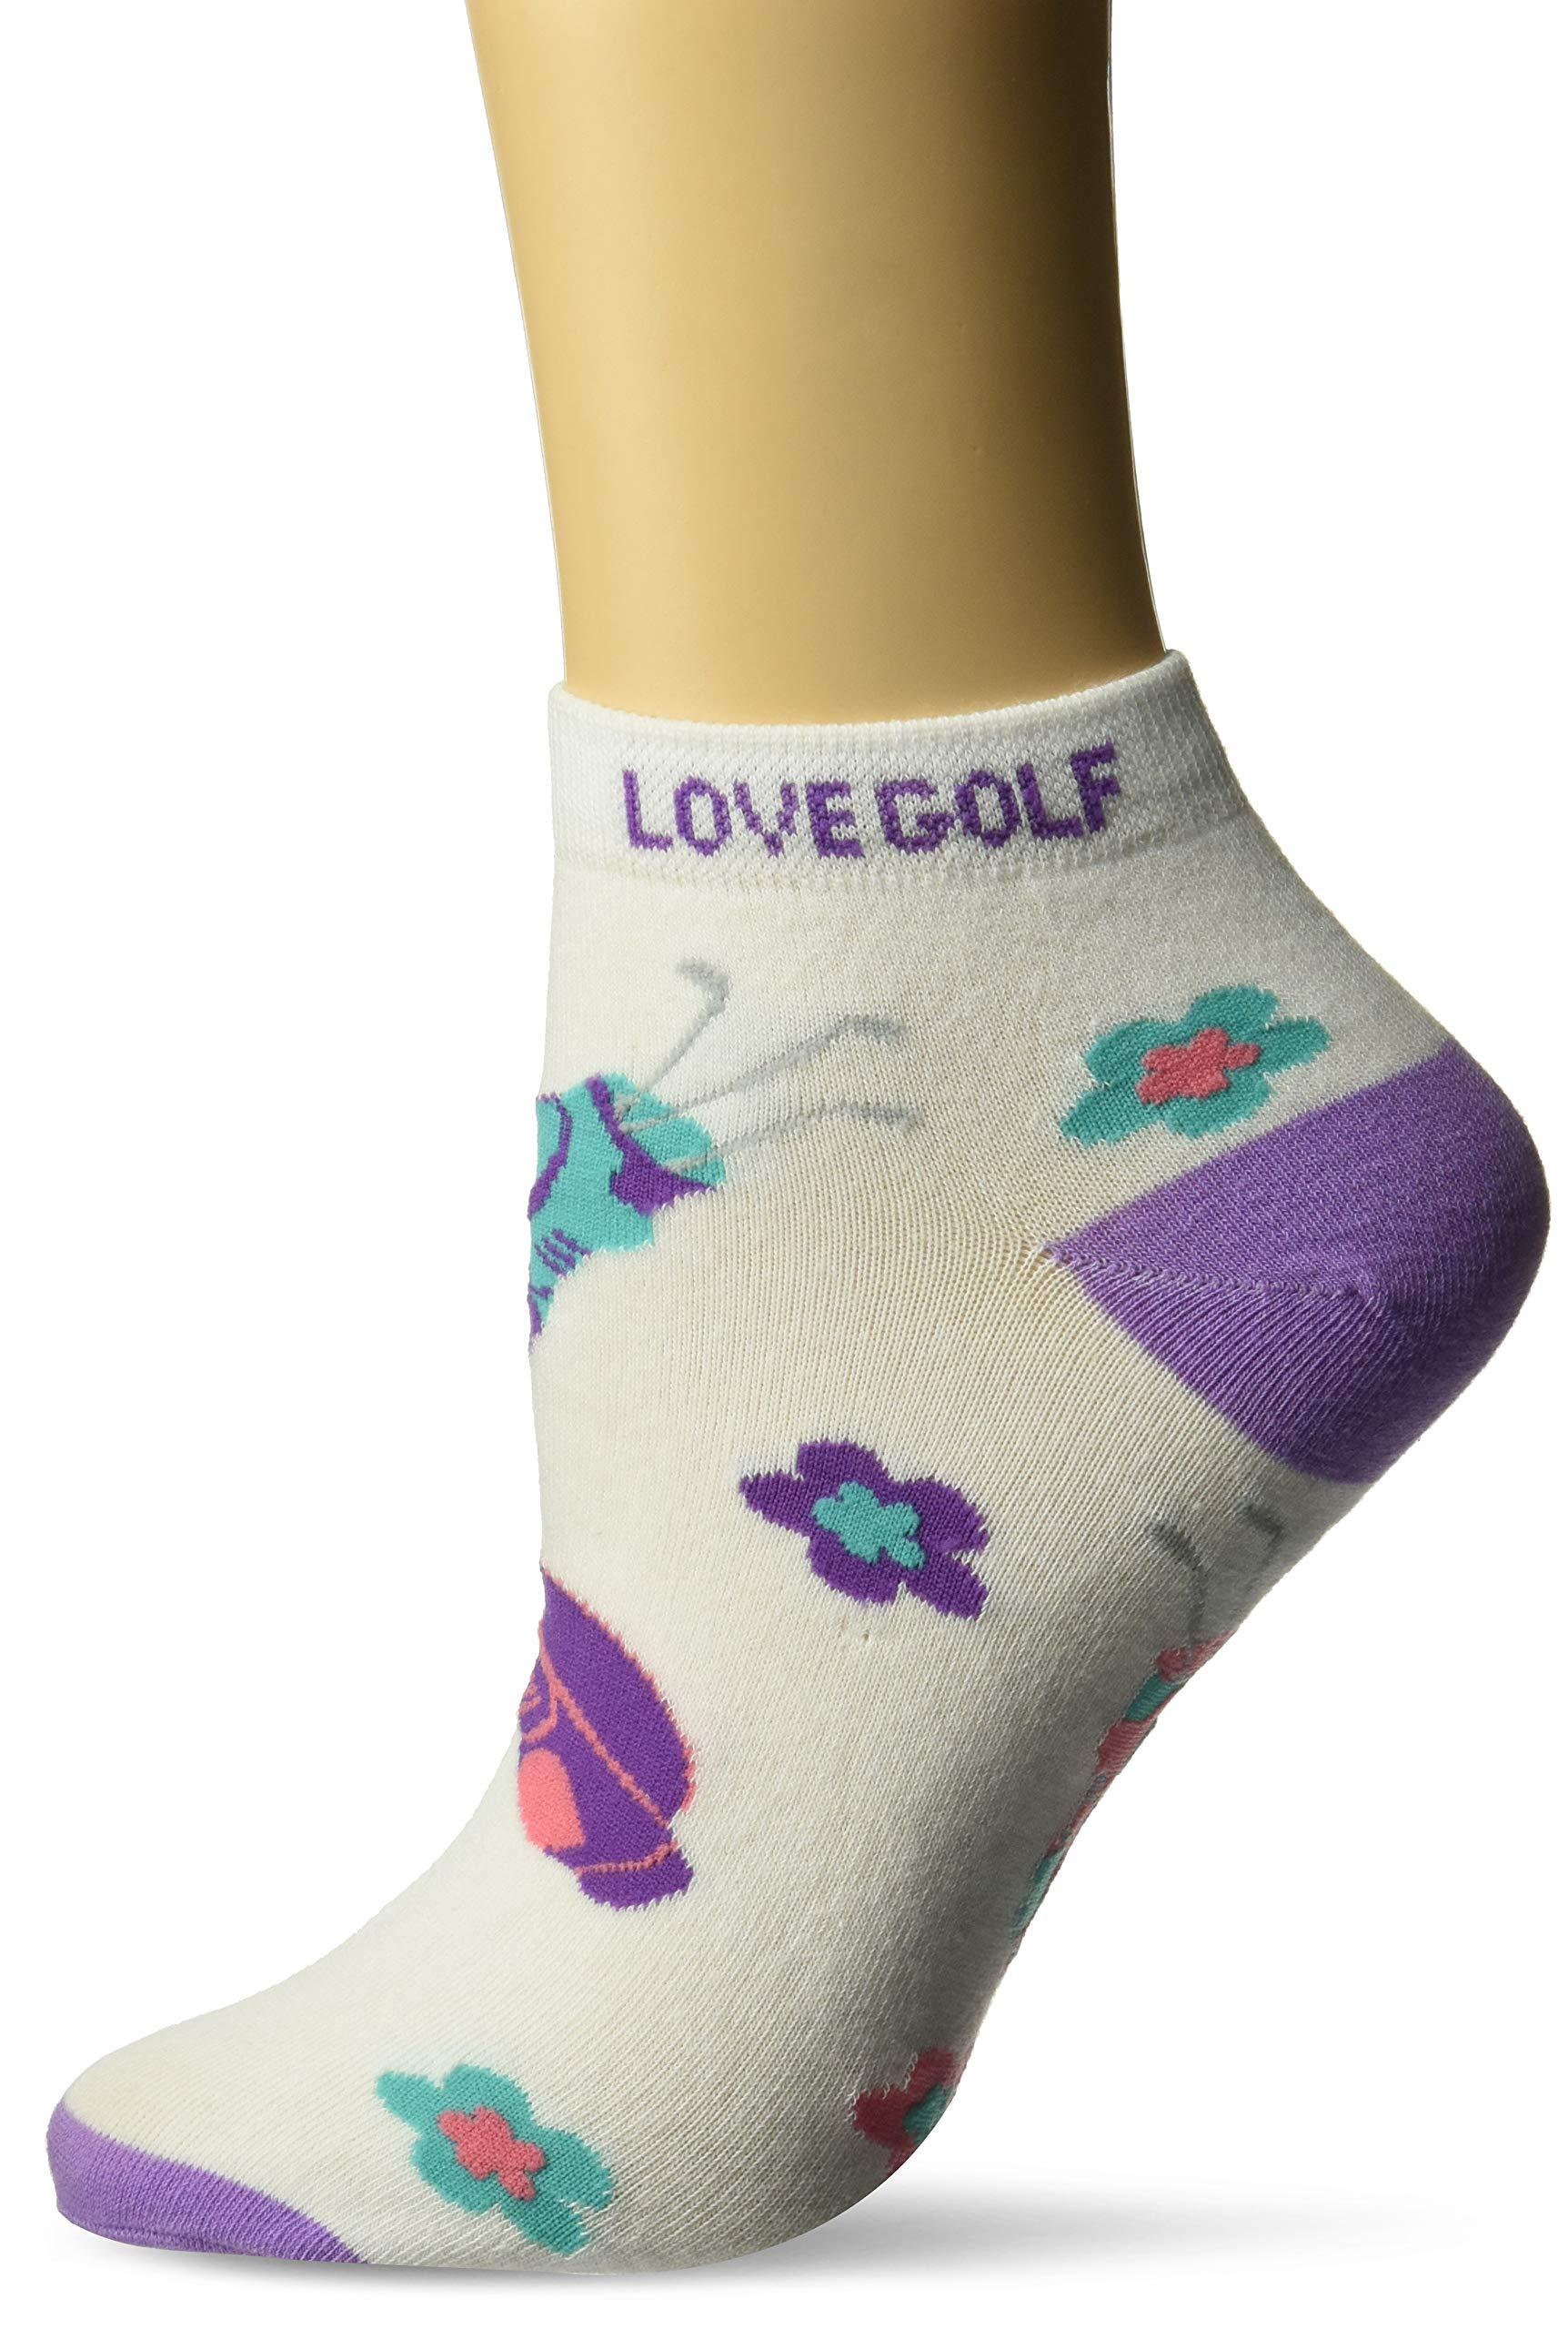 K. Bell Women's Gone Novelty Low Cut Sport Socks